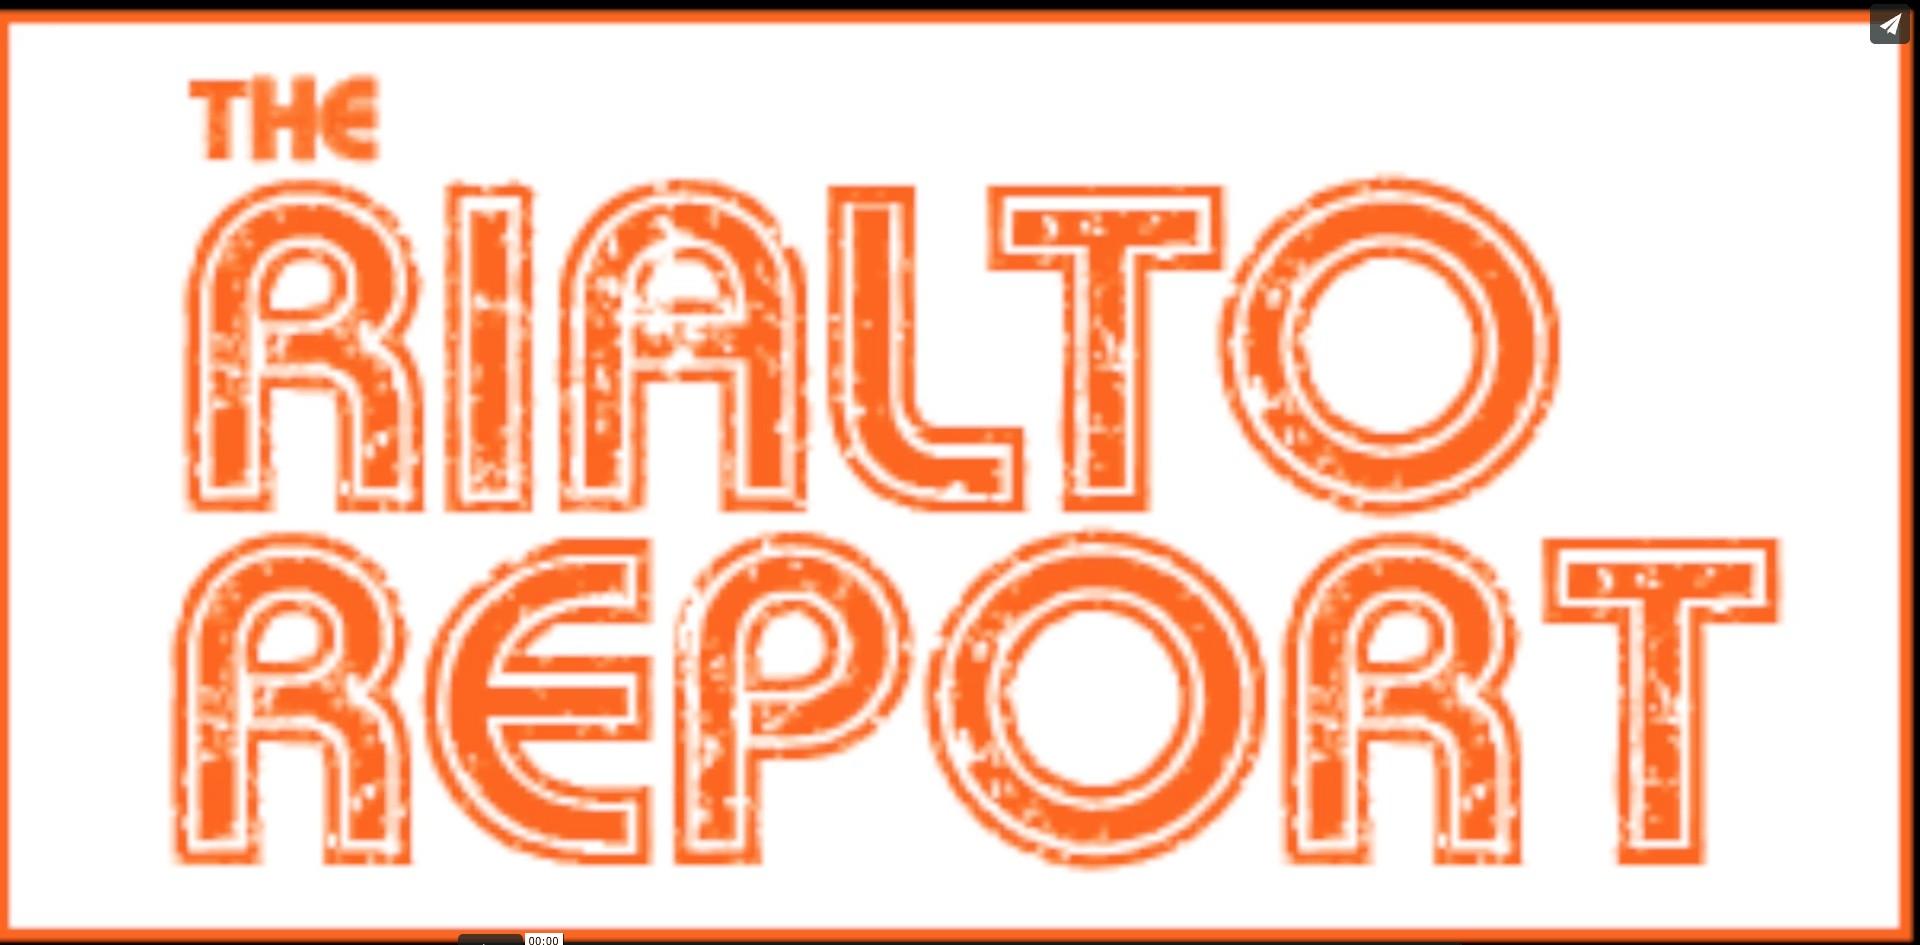 The Rialto Report